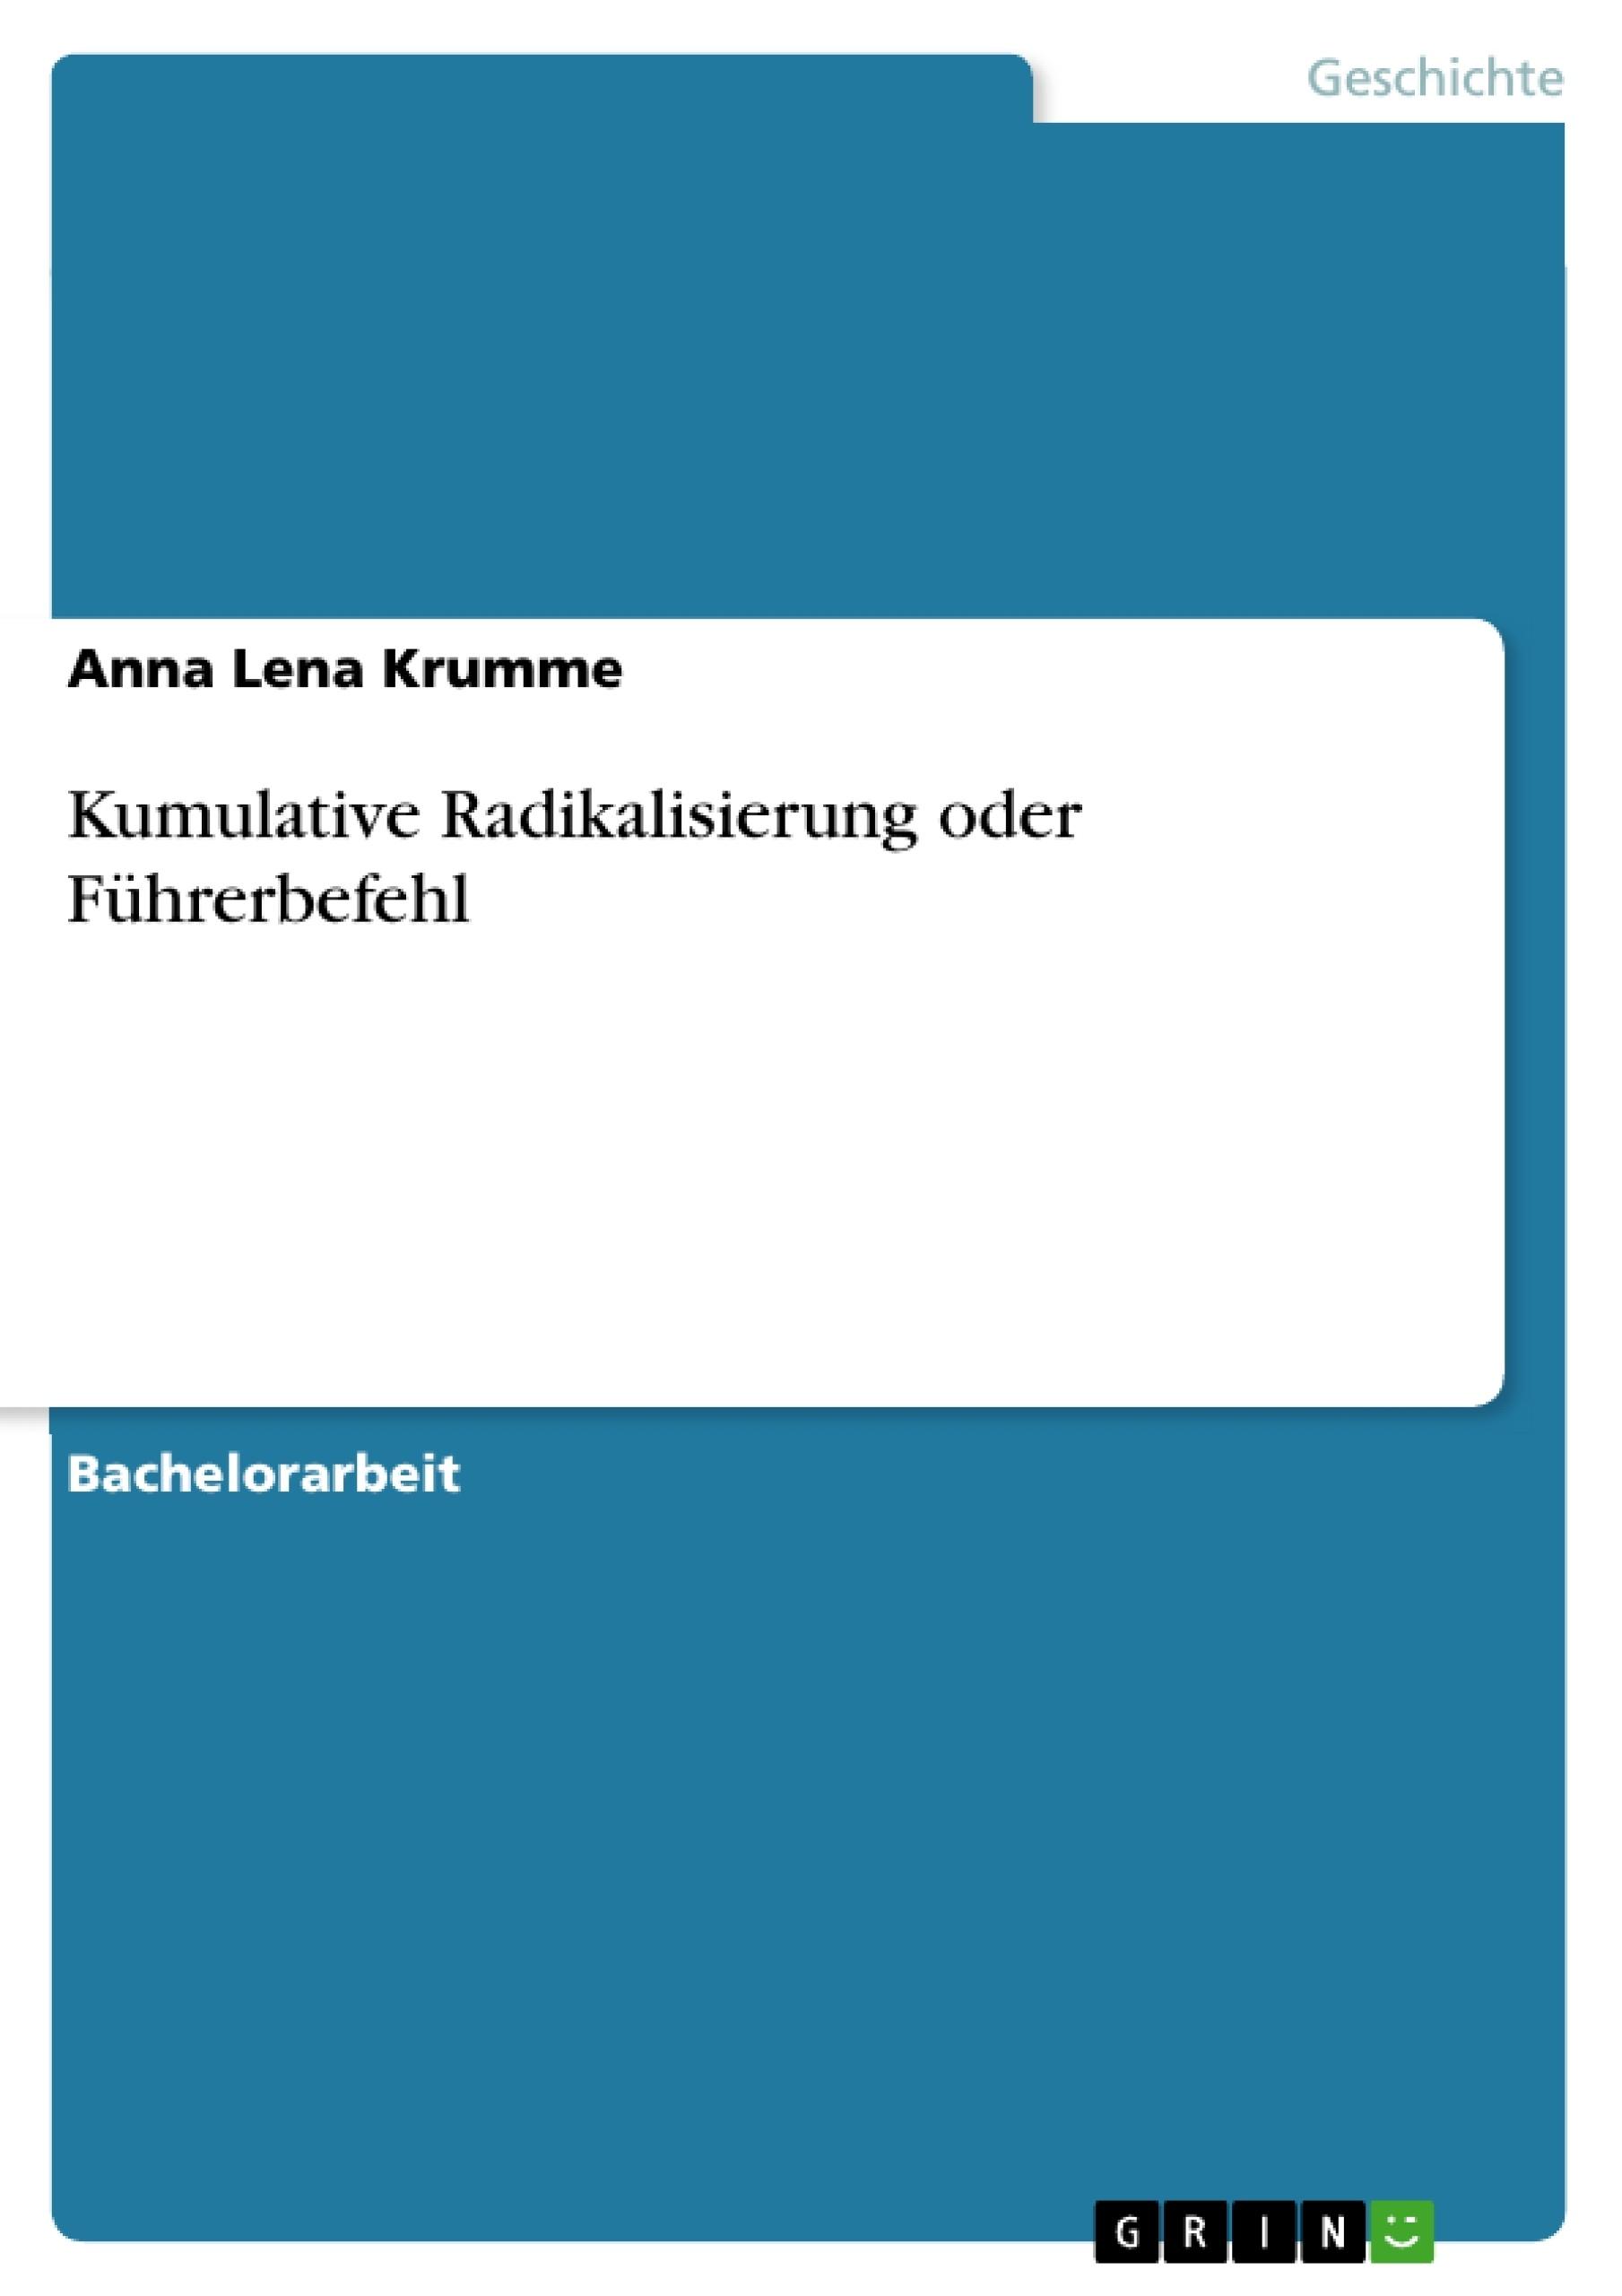 Titel: Kumulative Radikalisierung oder Führerbefehl